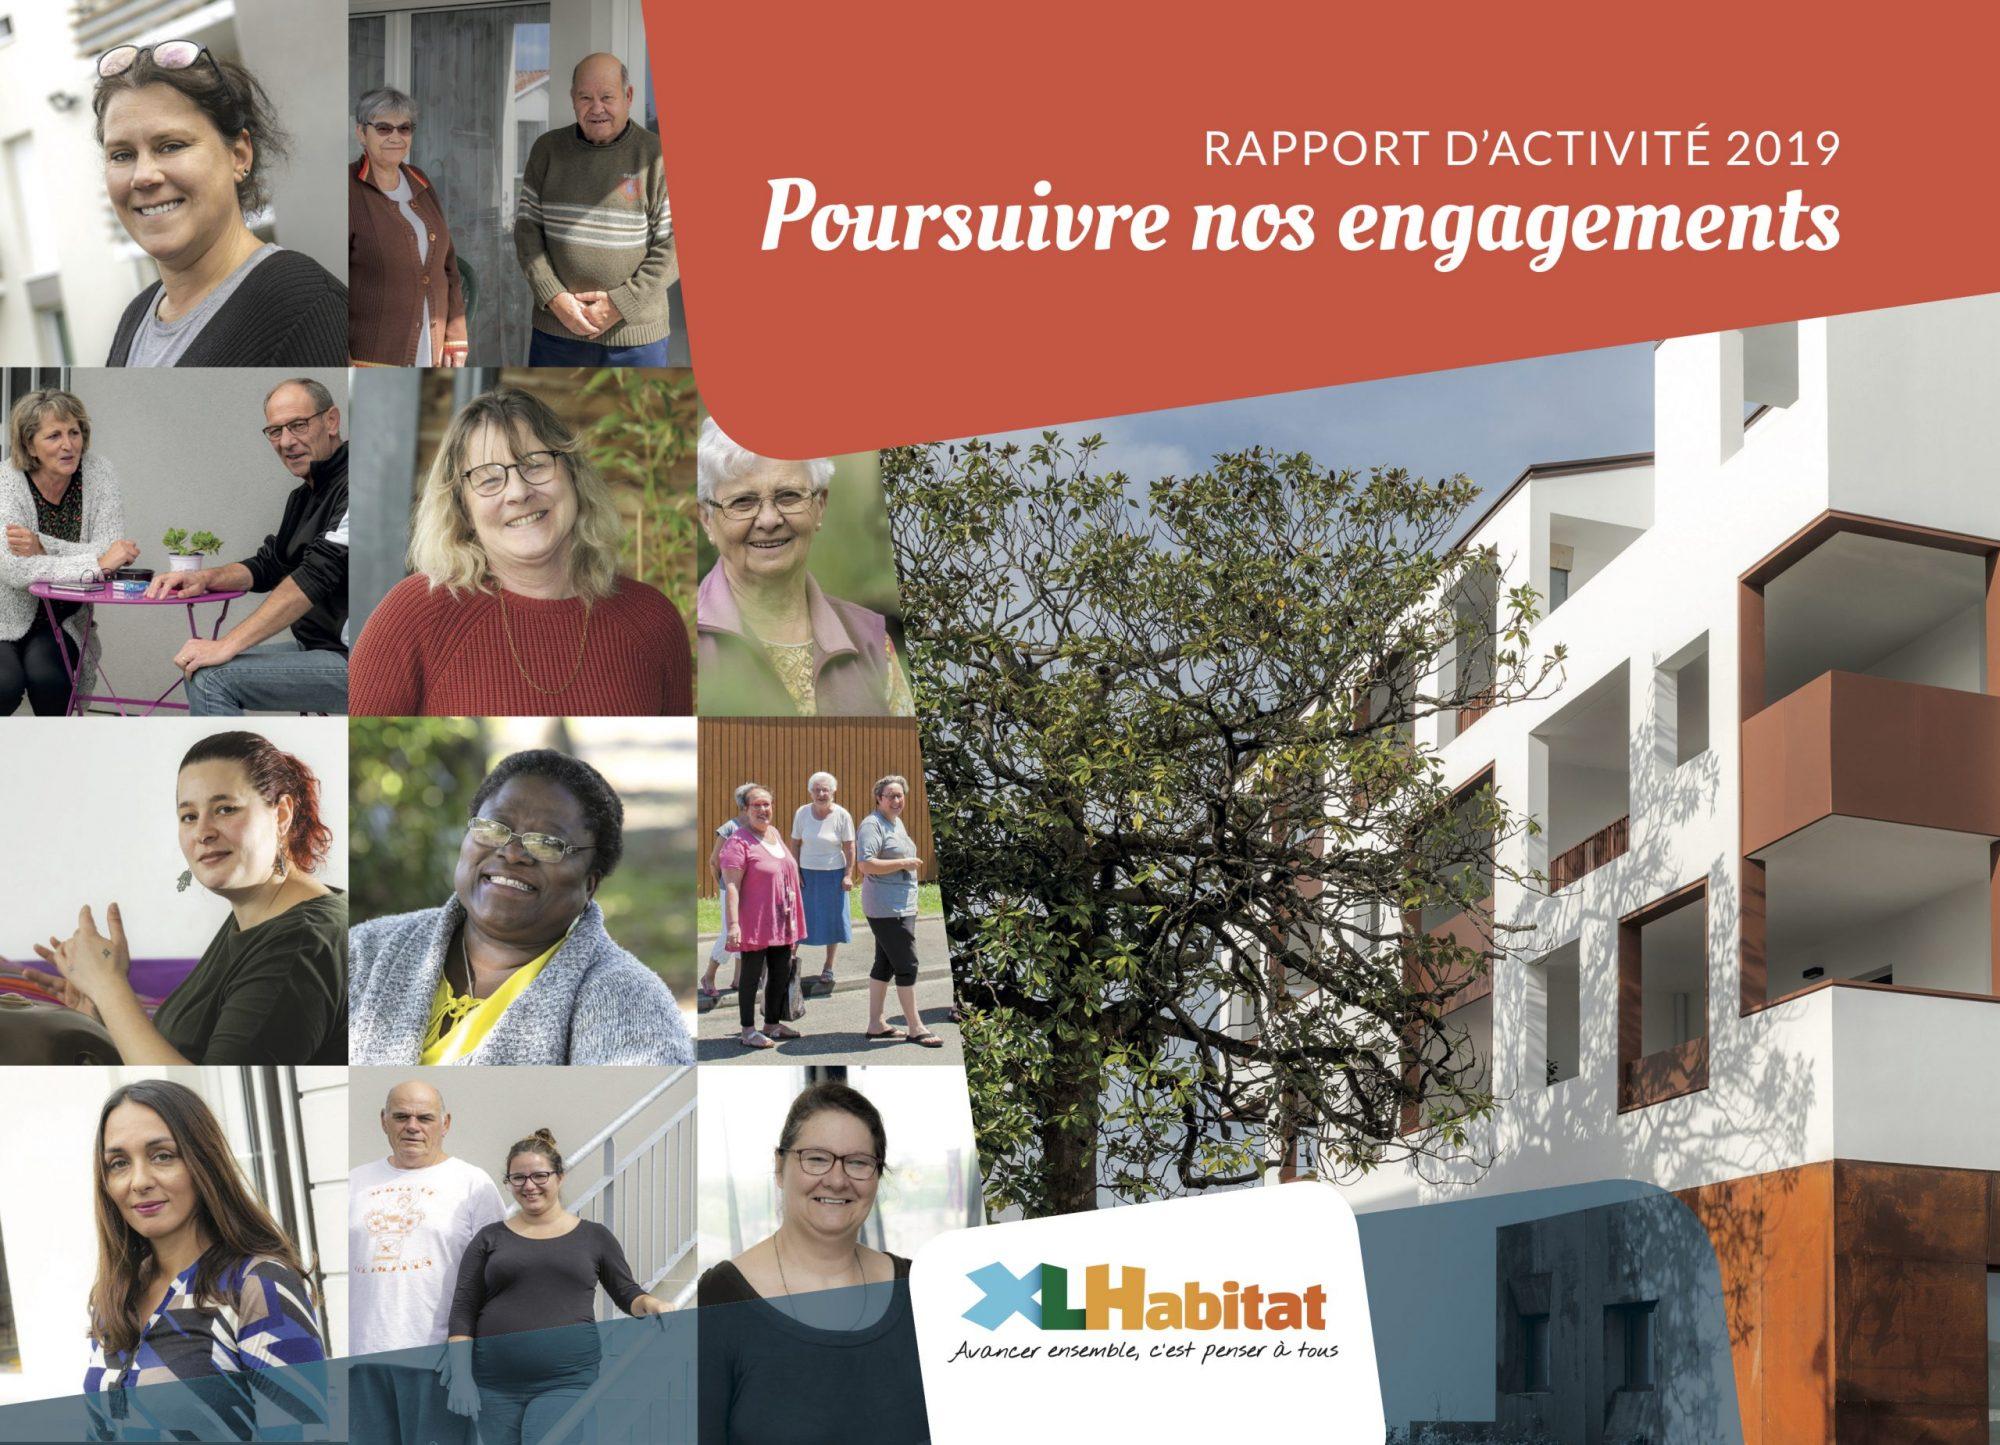 Rapport d'activités 2019 XLHabitat